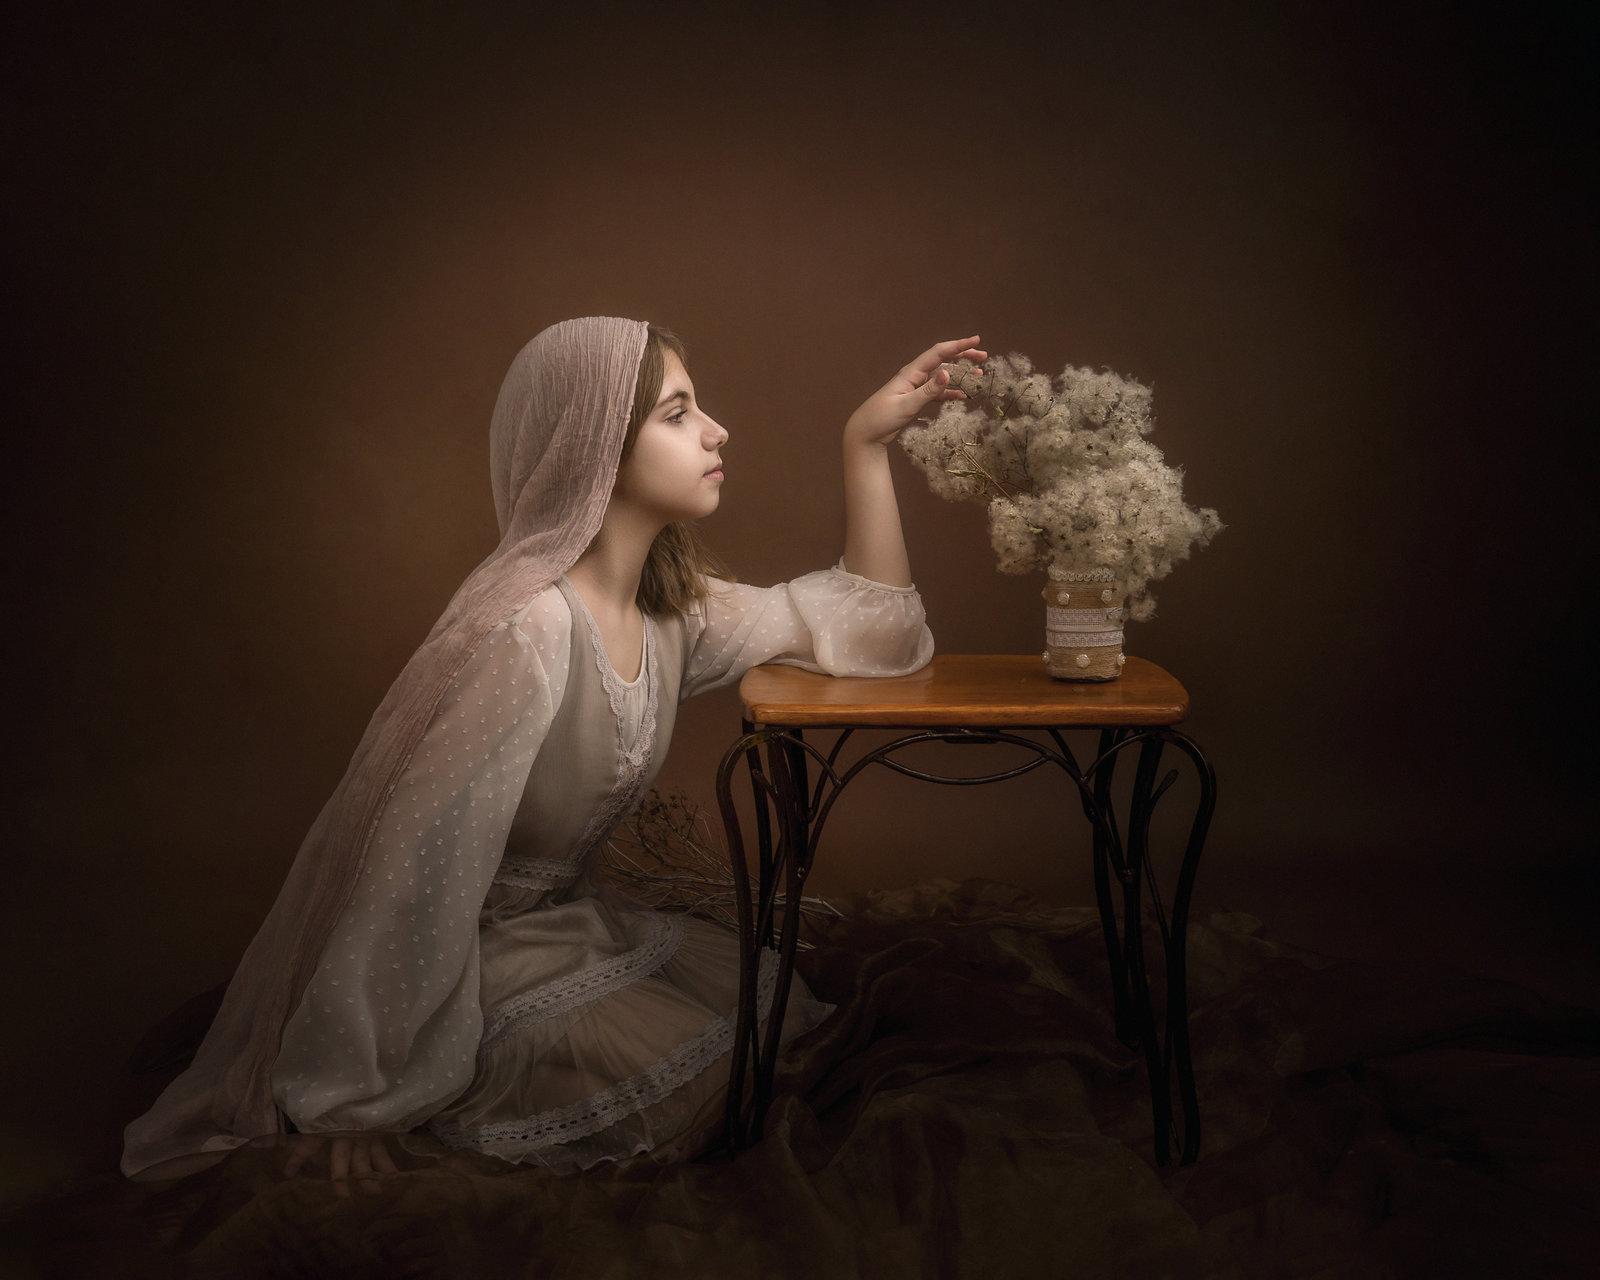 Photo in Portrait | Author mirpar | PHOTO FORUM